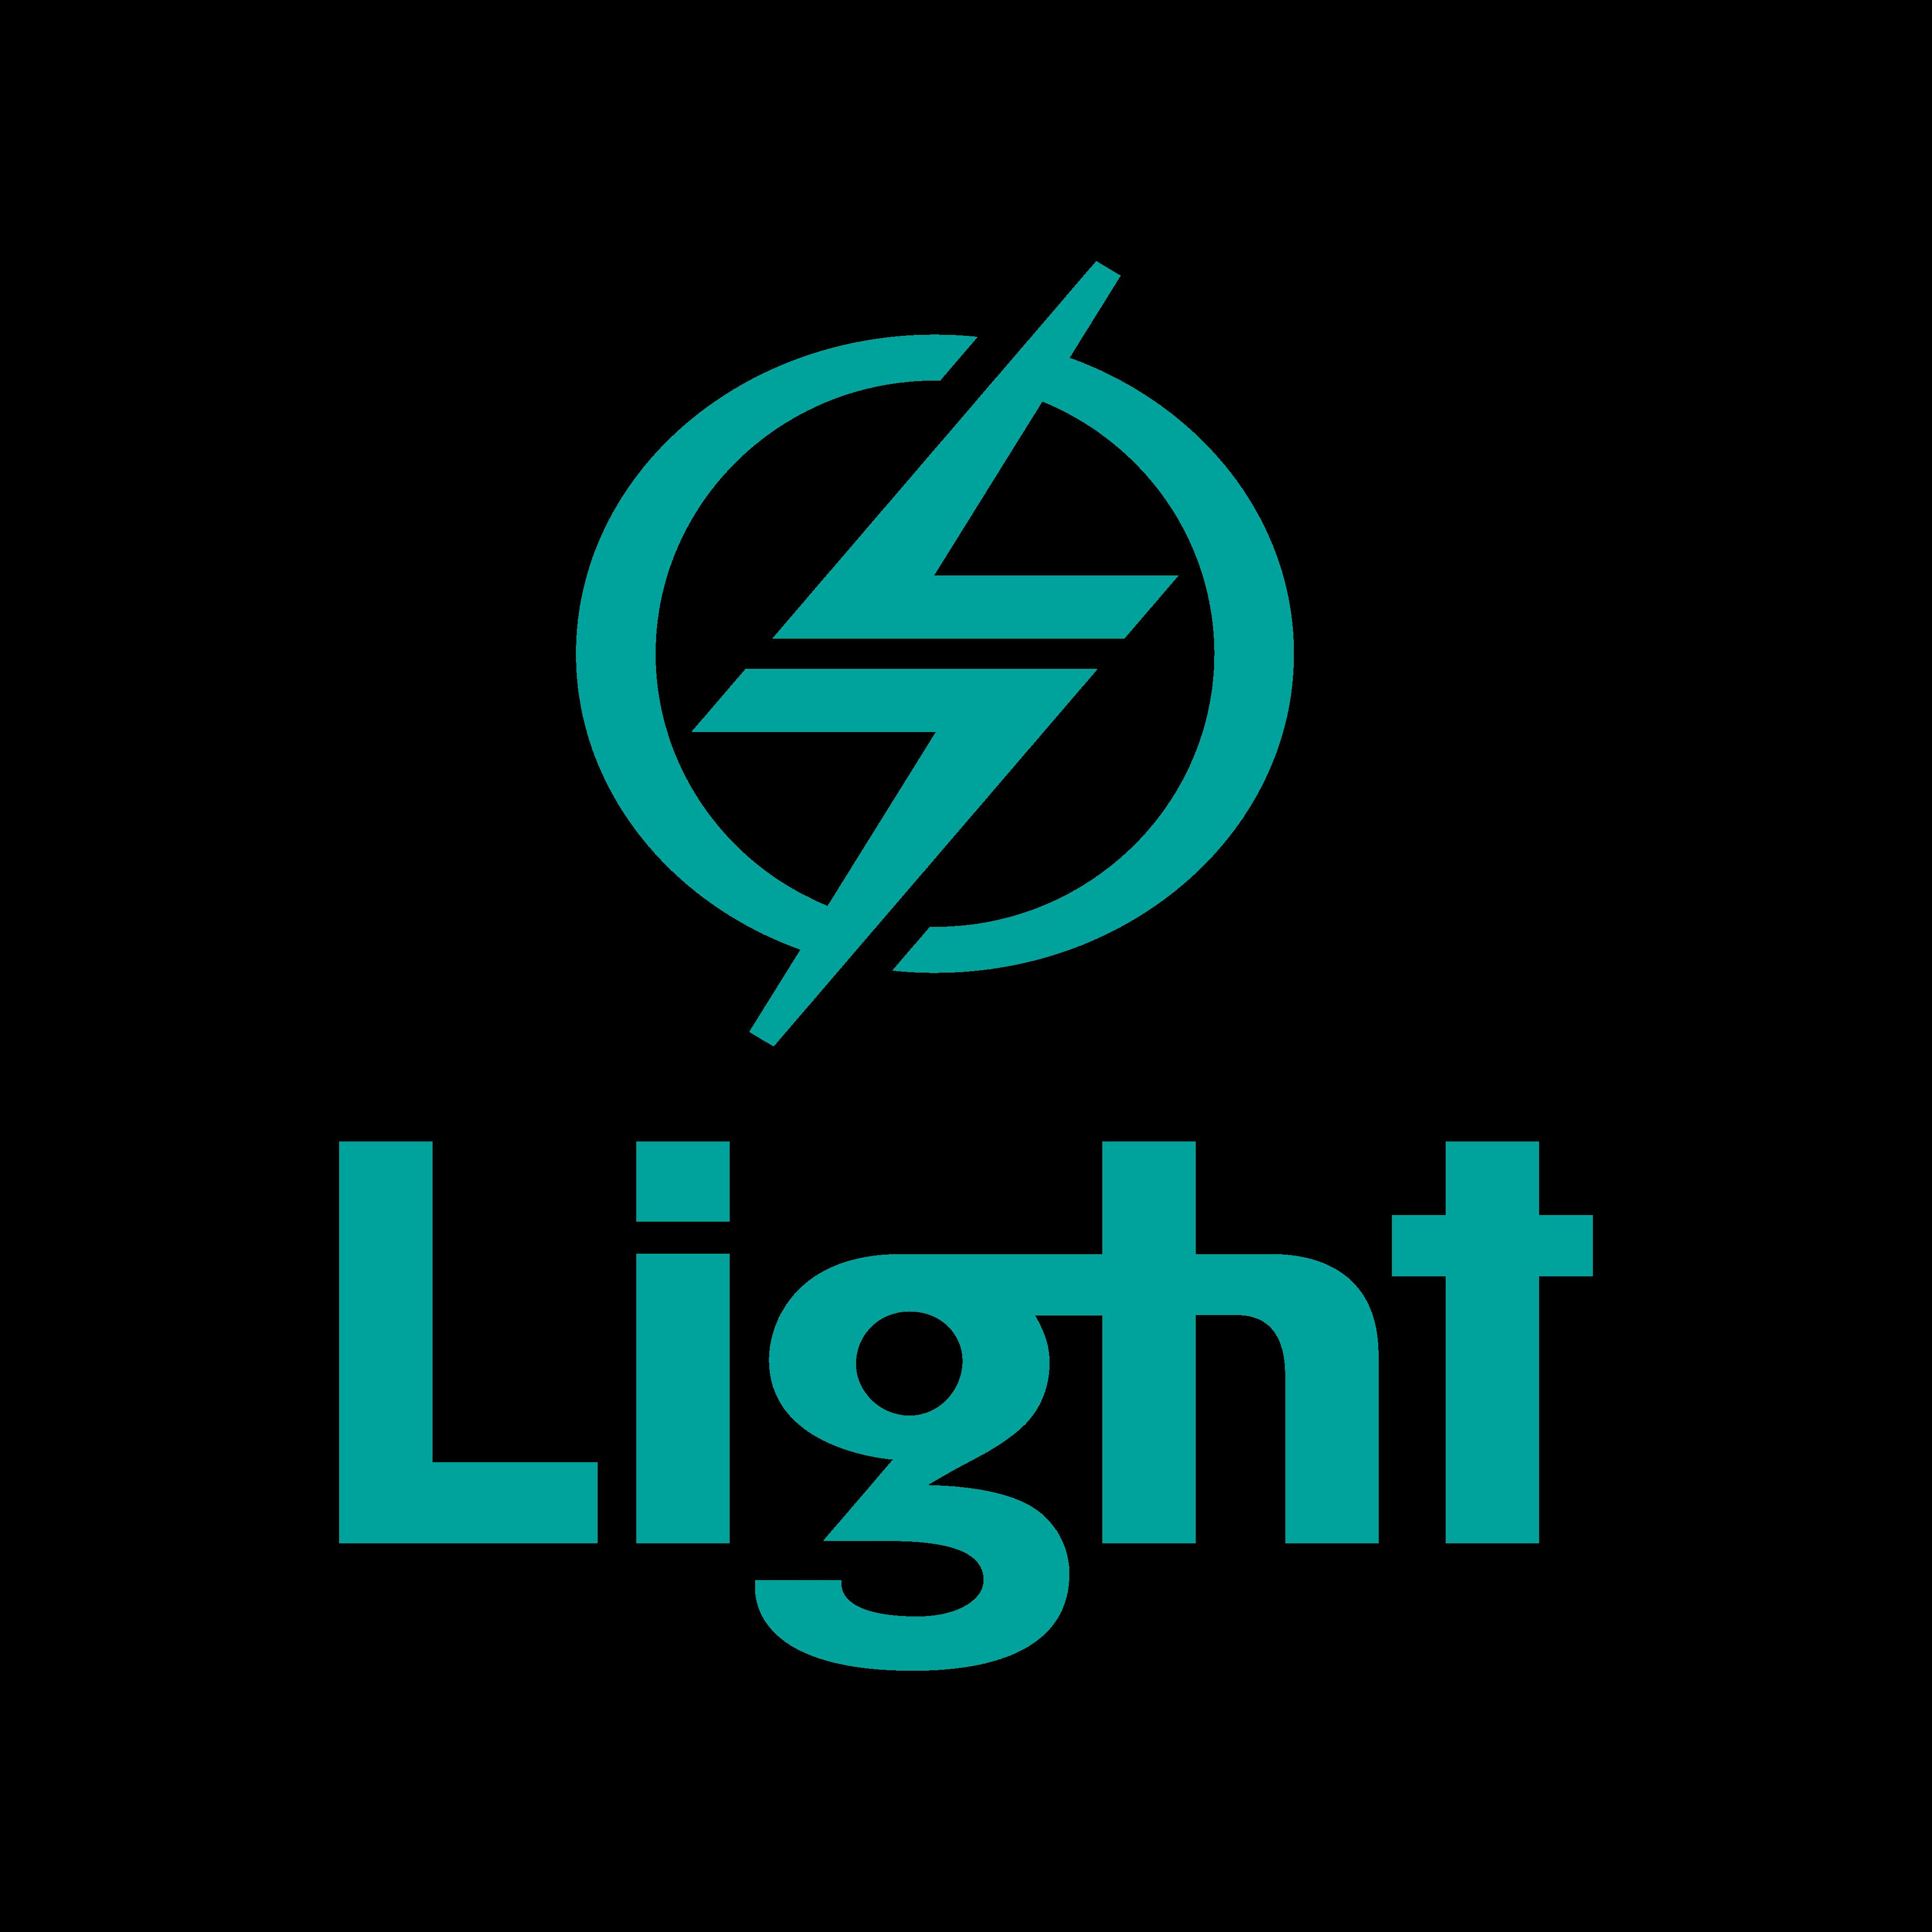 Light Energia Logo PNG.